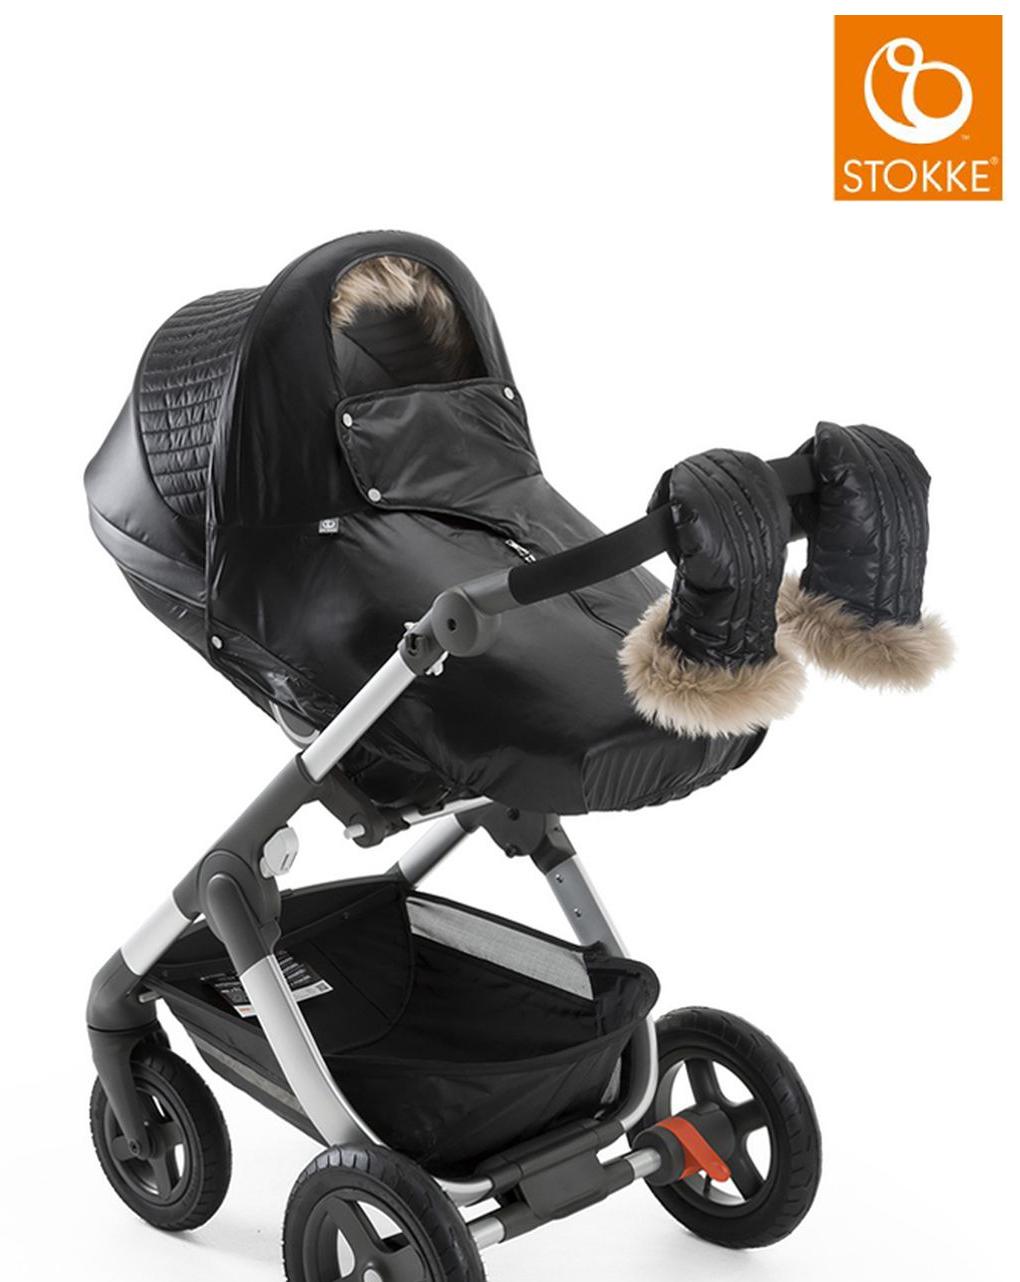 Stokke® stroller winter kit - onyx black - Stokke